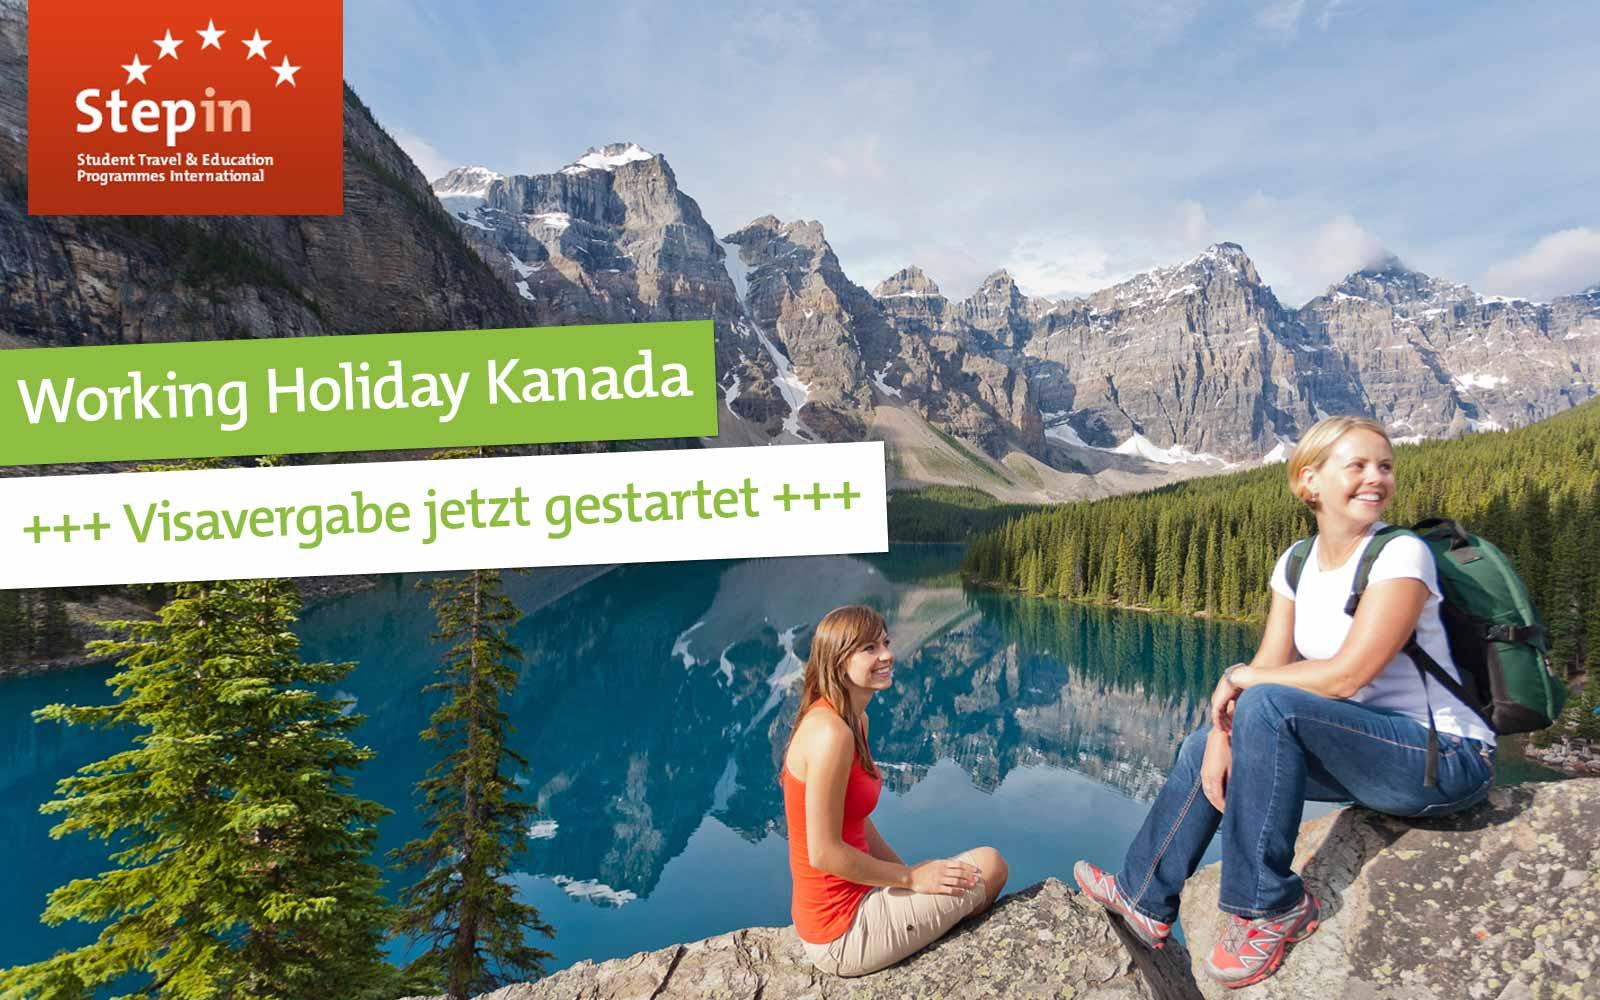 Visavergabe 2015 Kanada ist gestartet